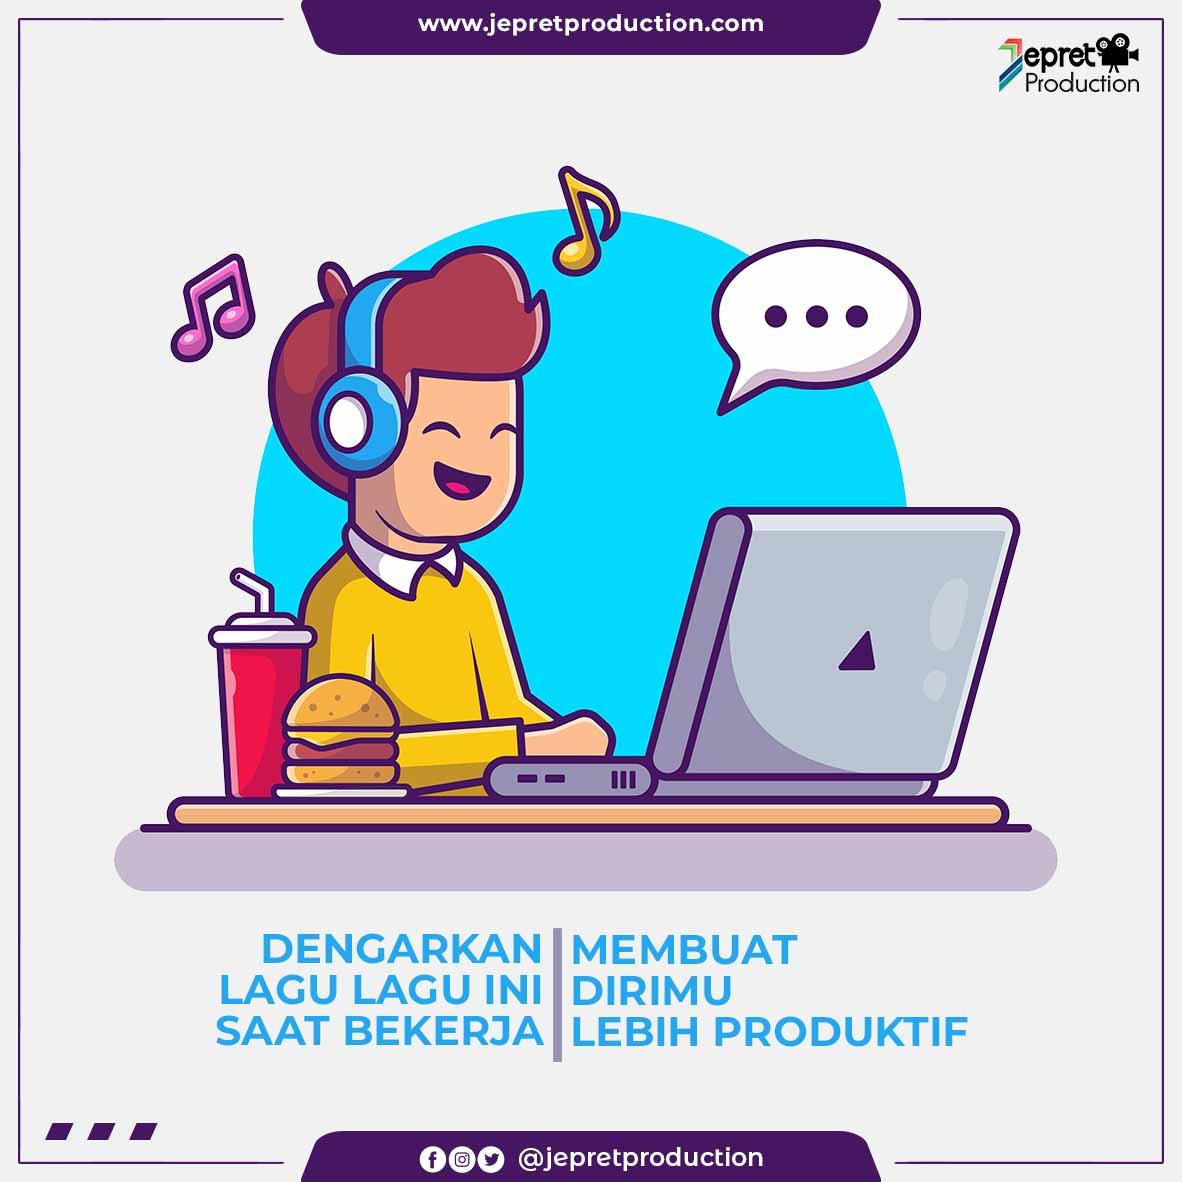 Dengarkan Lagu Lagu Ini Saat Bekerja Membuat Dirimu Lebih Produktif